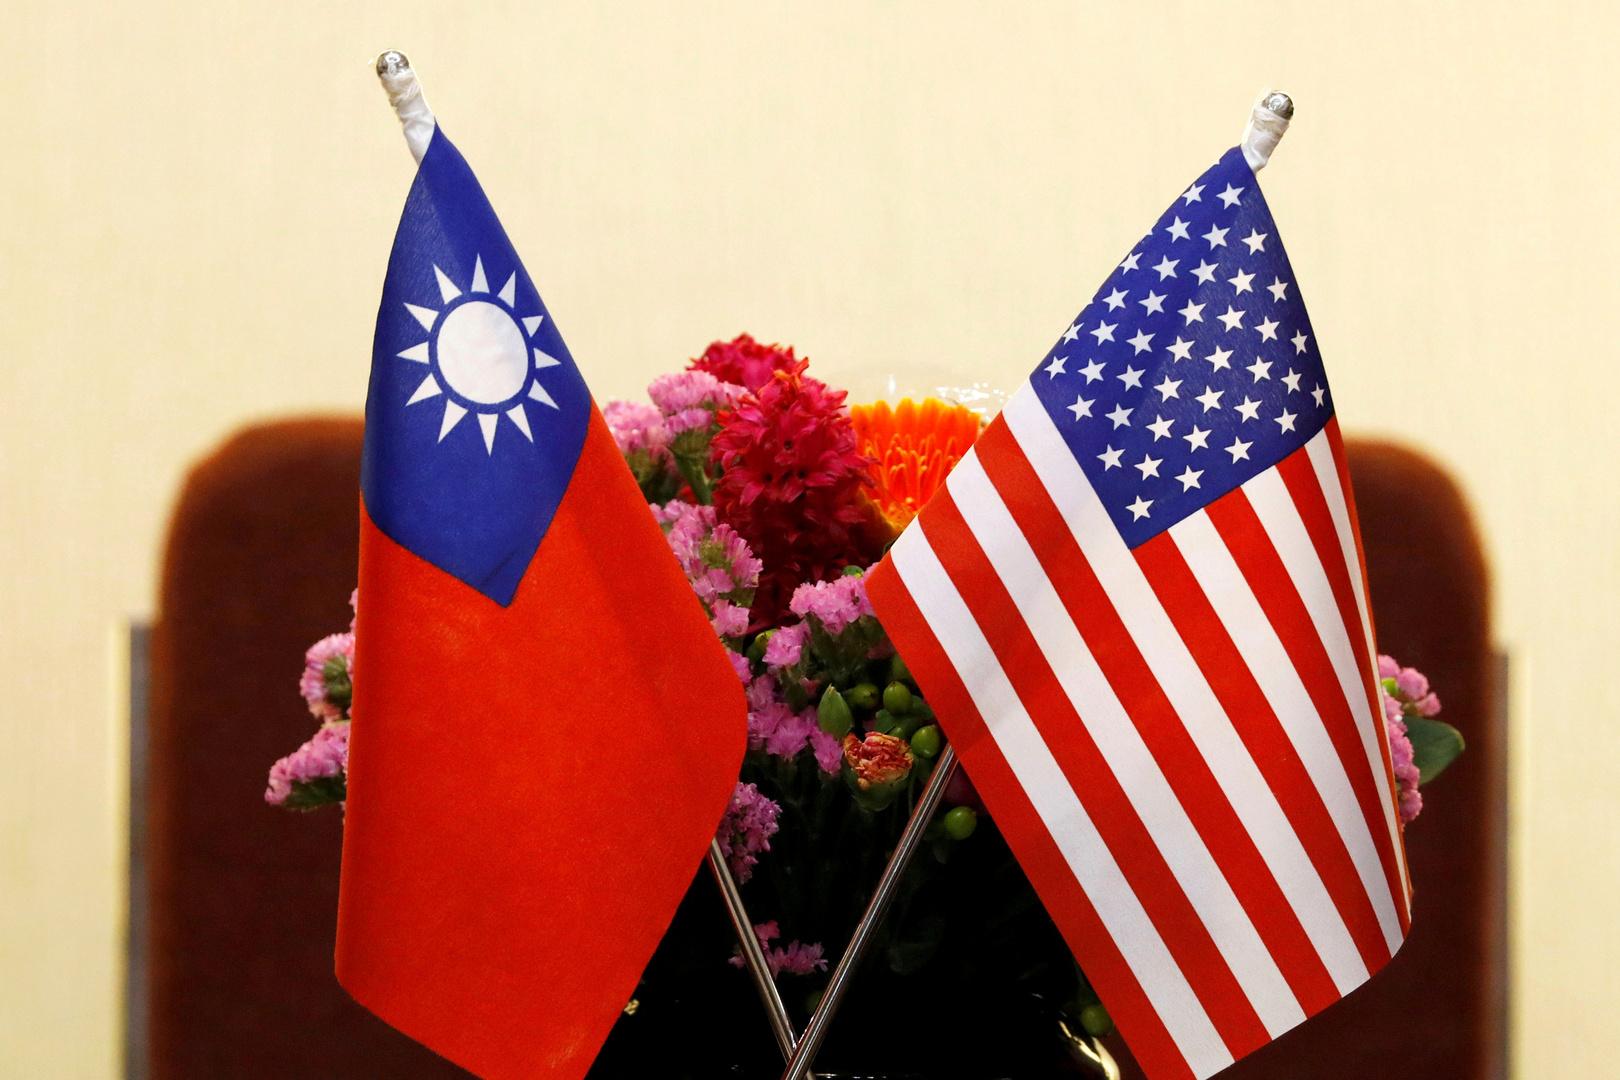 مفاوضات بين الولايات المتحدة وتايوان حول تعزيز العلاقات الاقتصادية